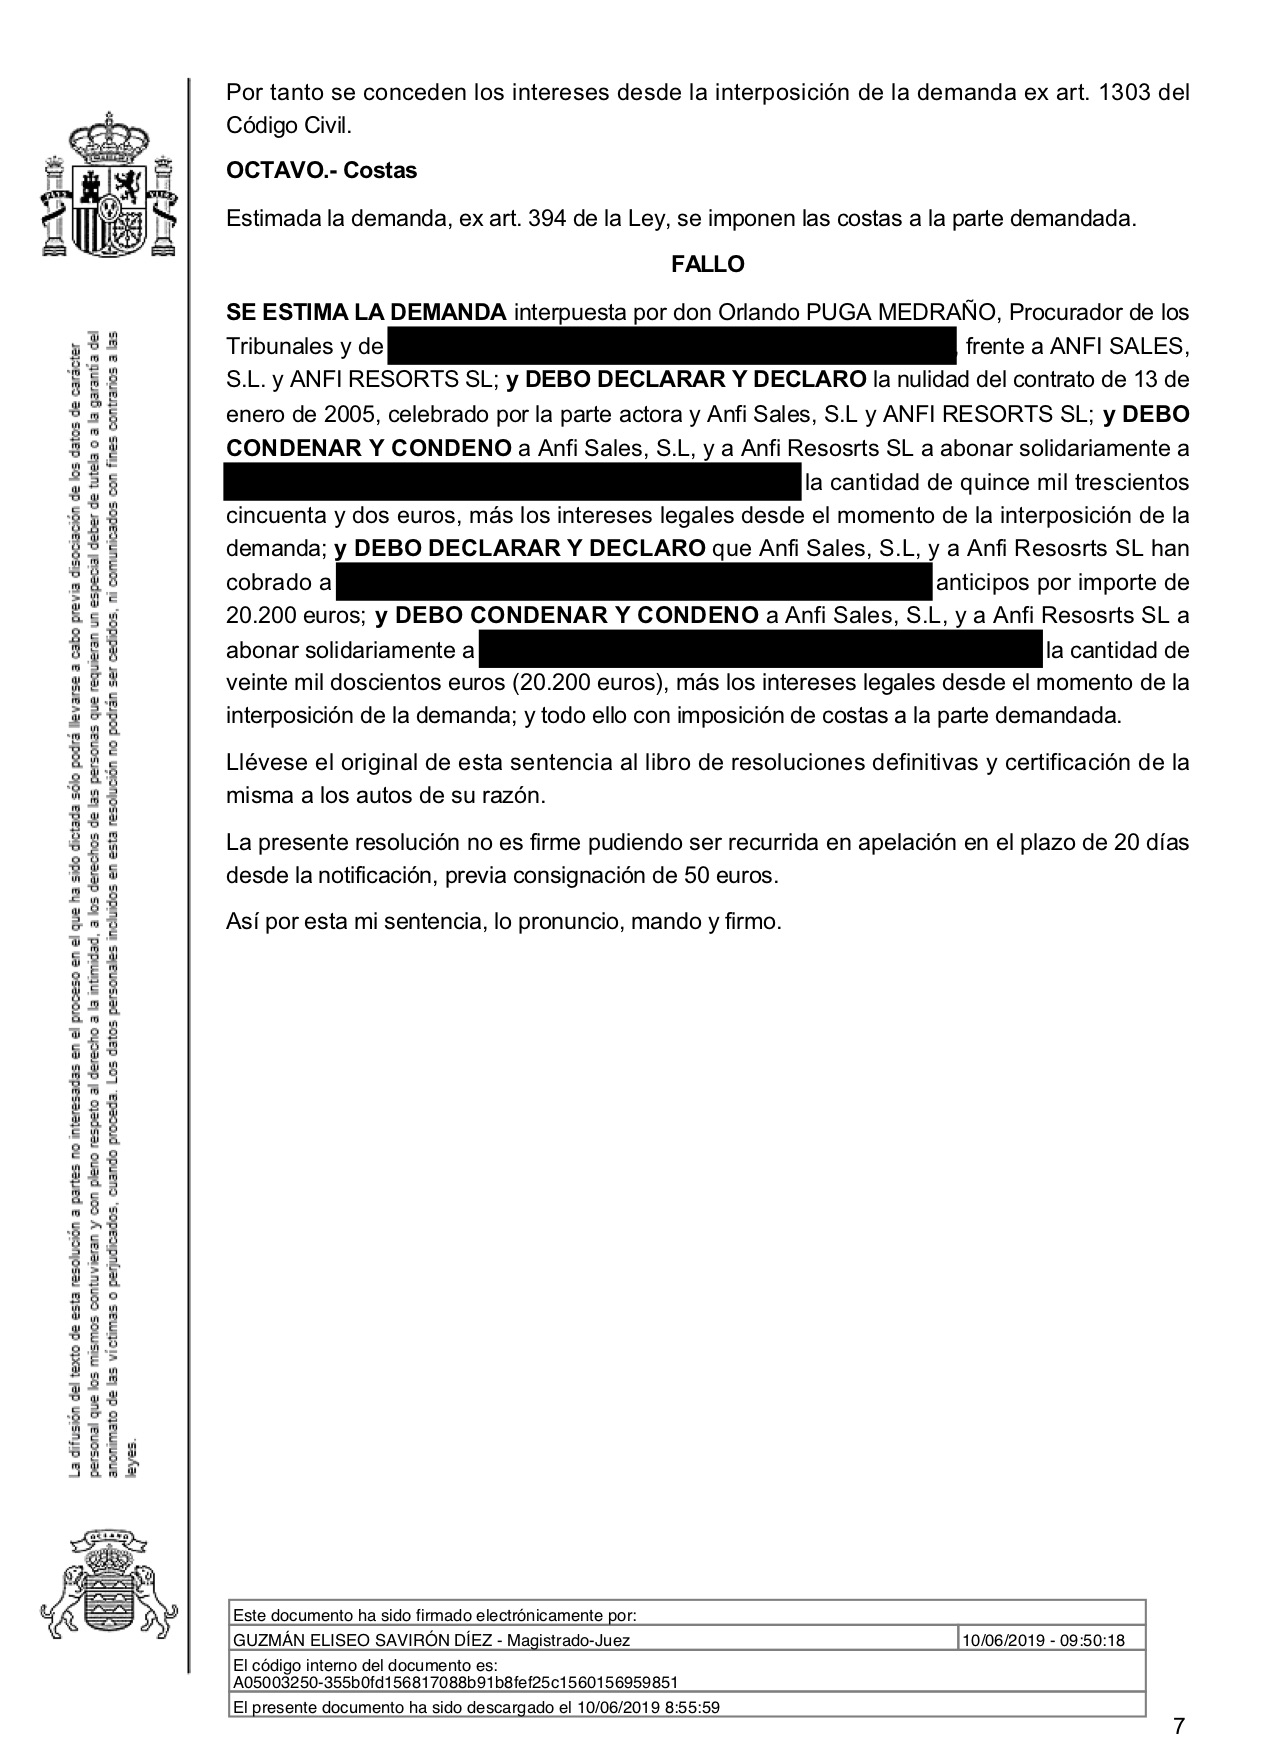 19-06-12 KNUTSEN-OLSEN. Sentencia Primera Instancia. SBT3. Anfi. Estimatoria total con costas. 2 página.jpg